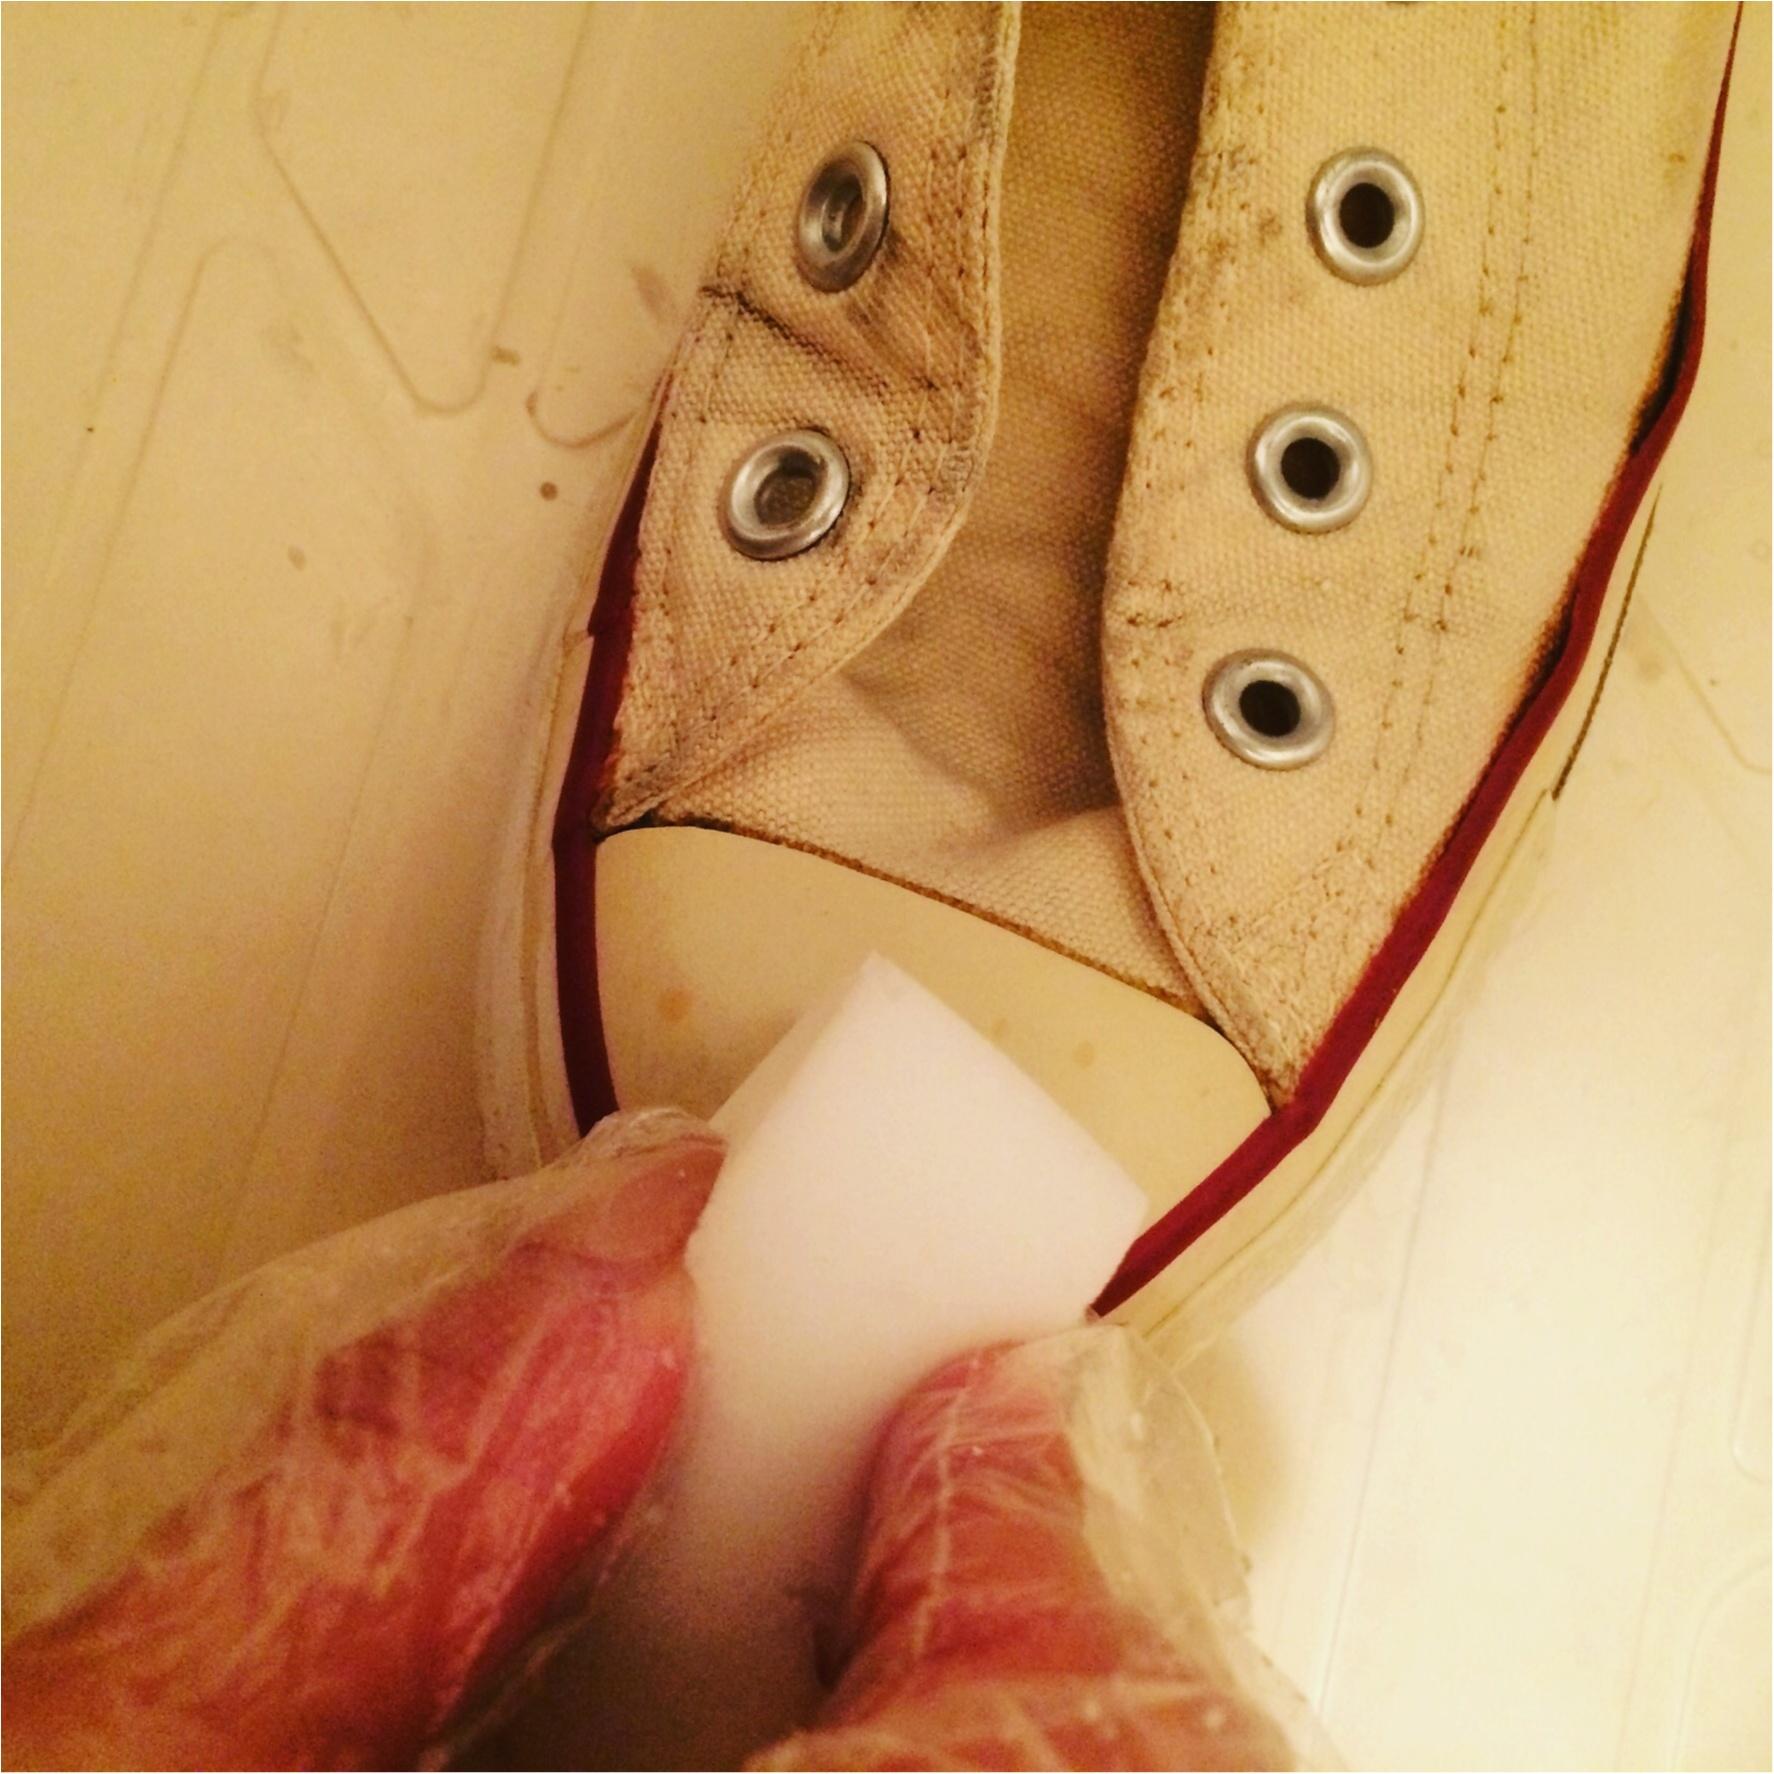 黄ばみや汚れもさようなら!白スニーカーを簡単キレイに復活させる方法とは?!_4